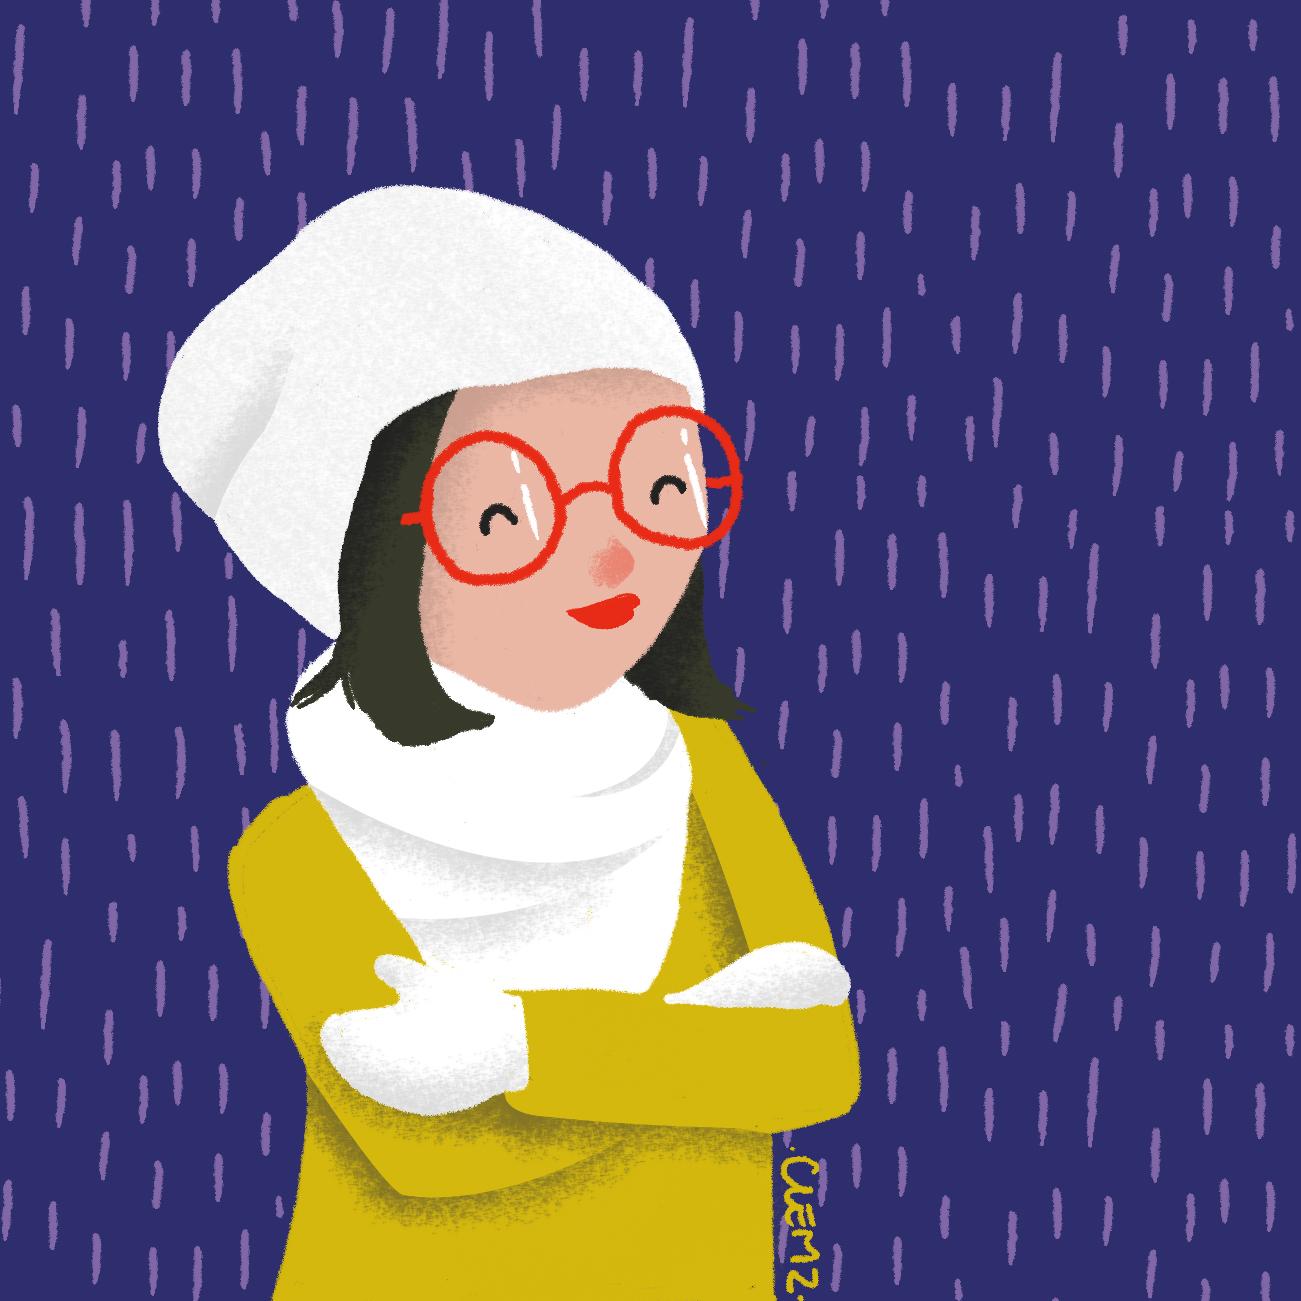 illustration hiver fille bonnet - lyon - paris - france